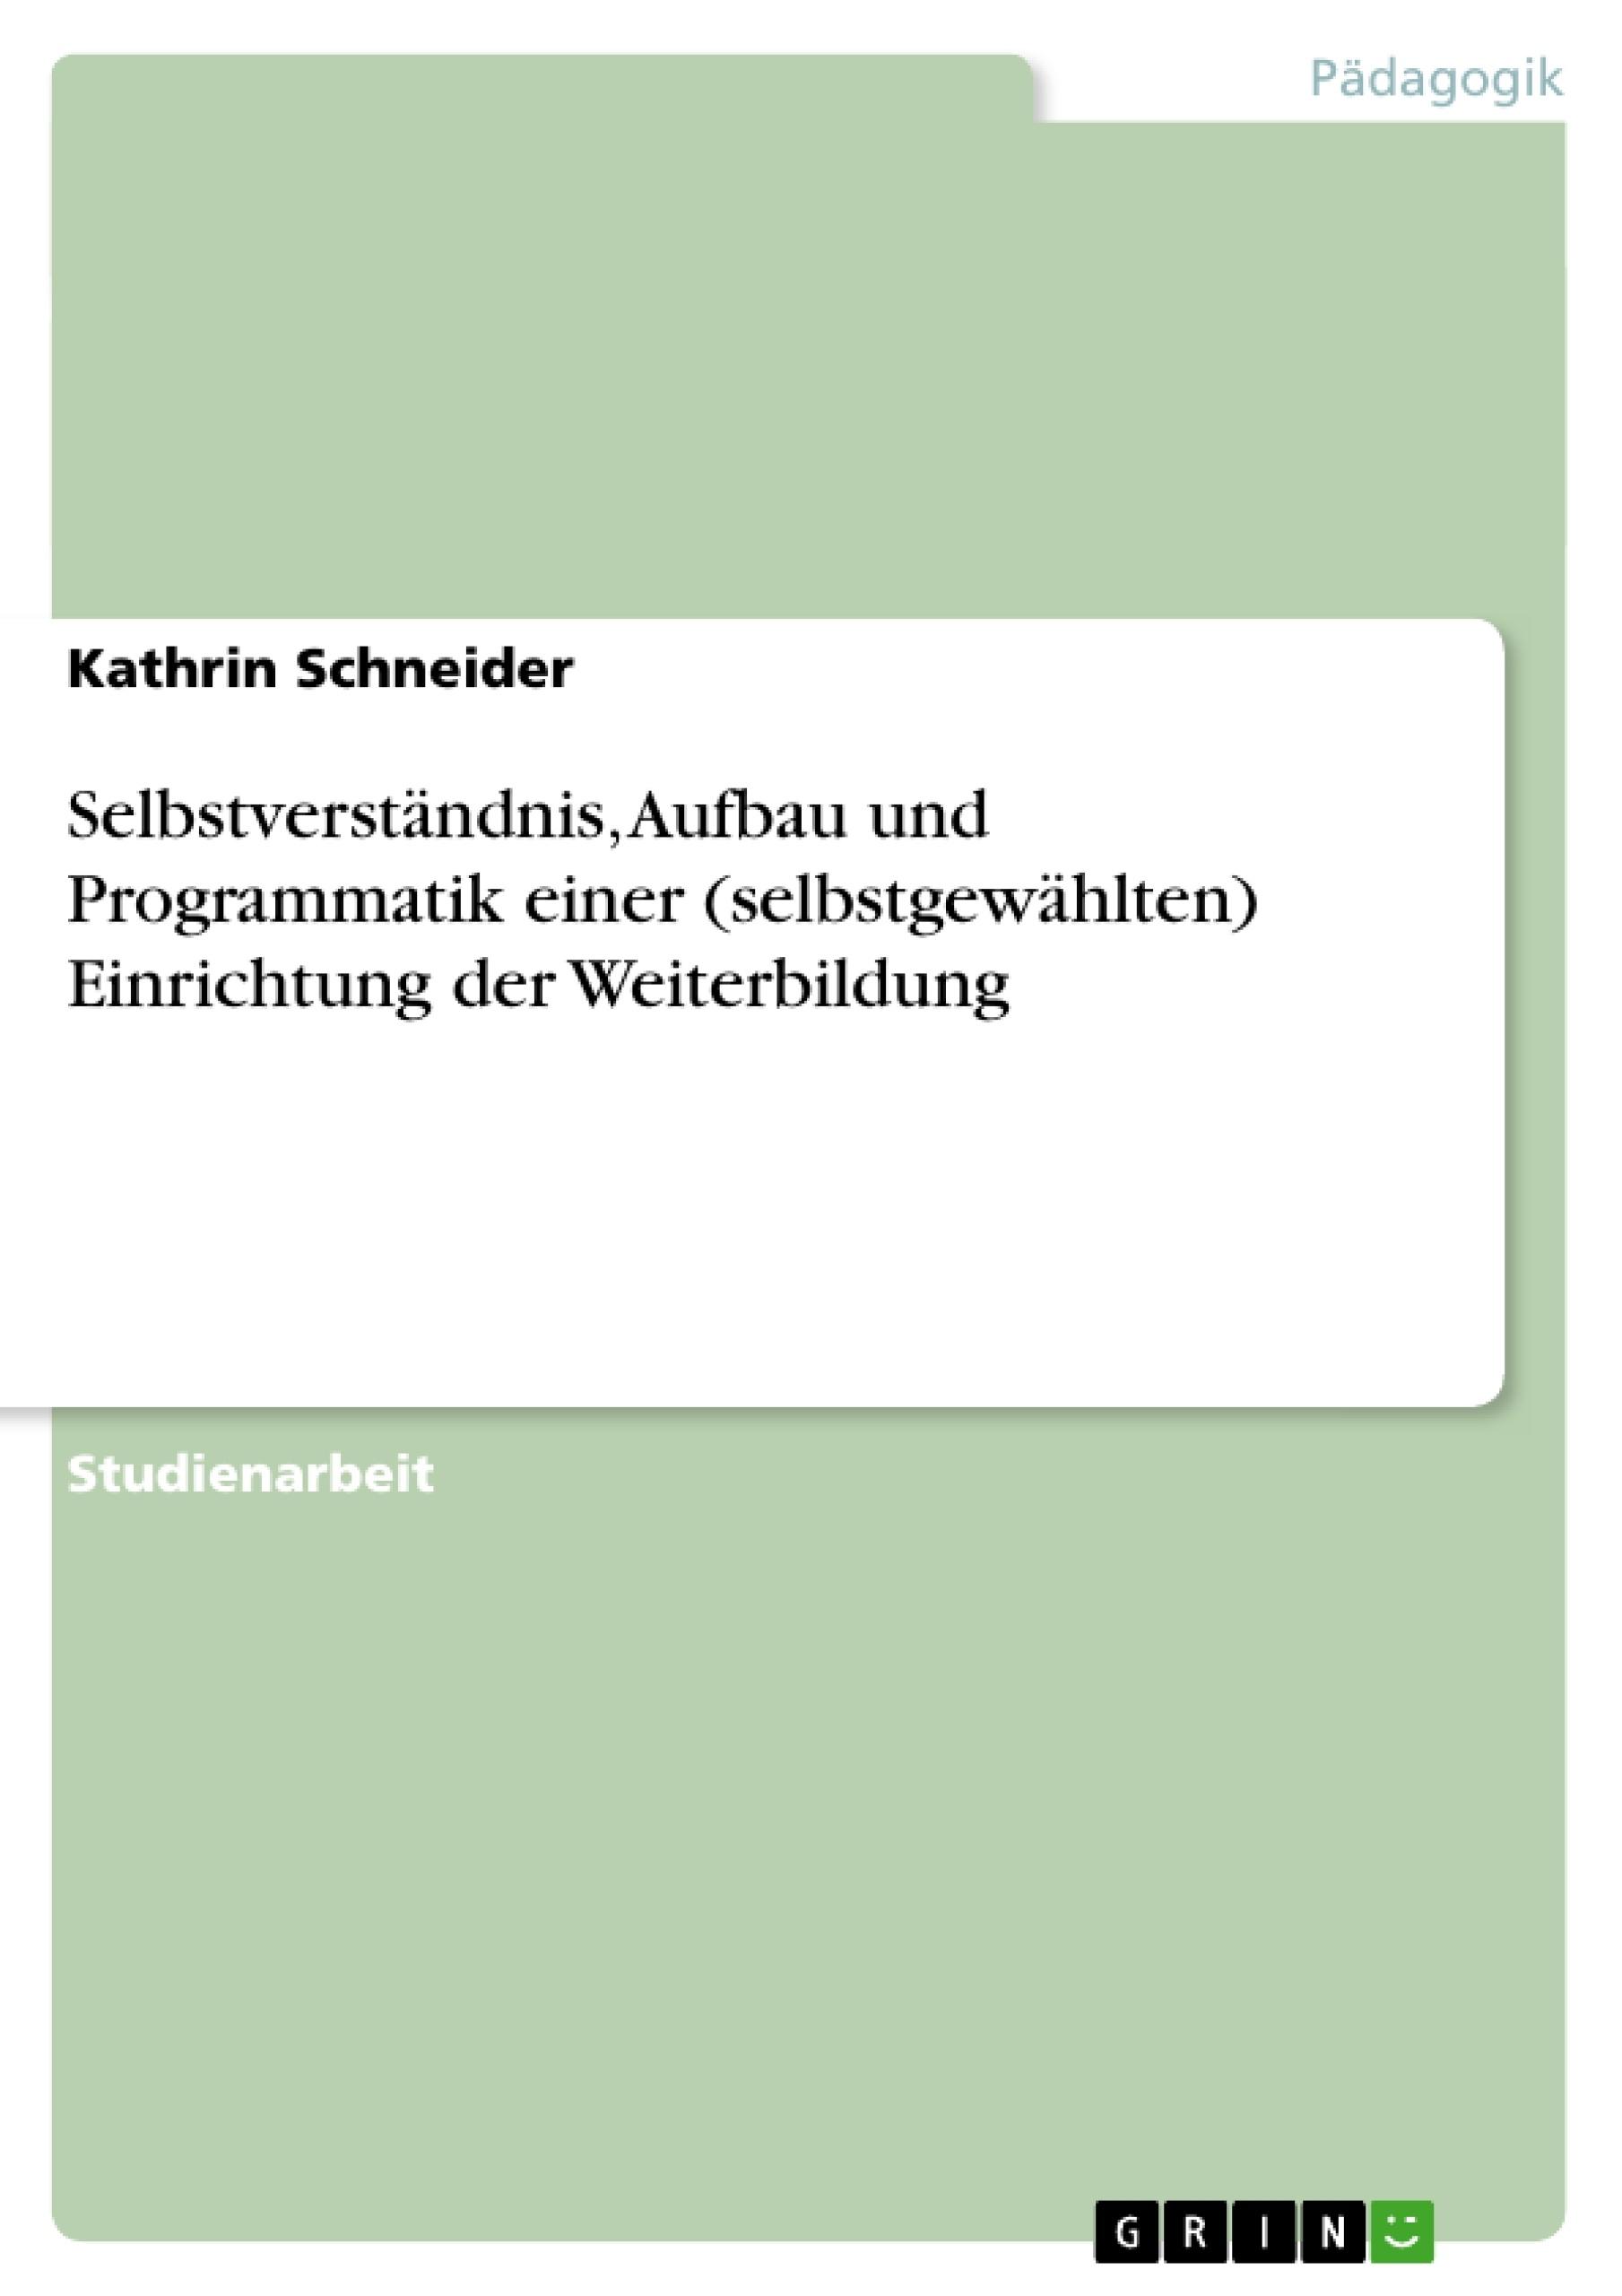 Titel: Selbstverständnis, Aufbau und Programmatik einer (selbstgewählten) Einrichtung der Weiterbildung